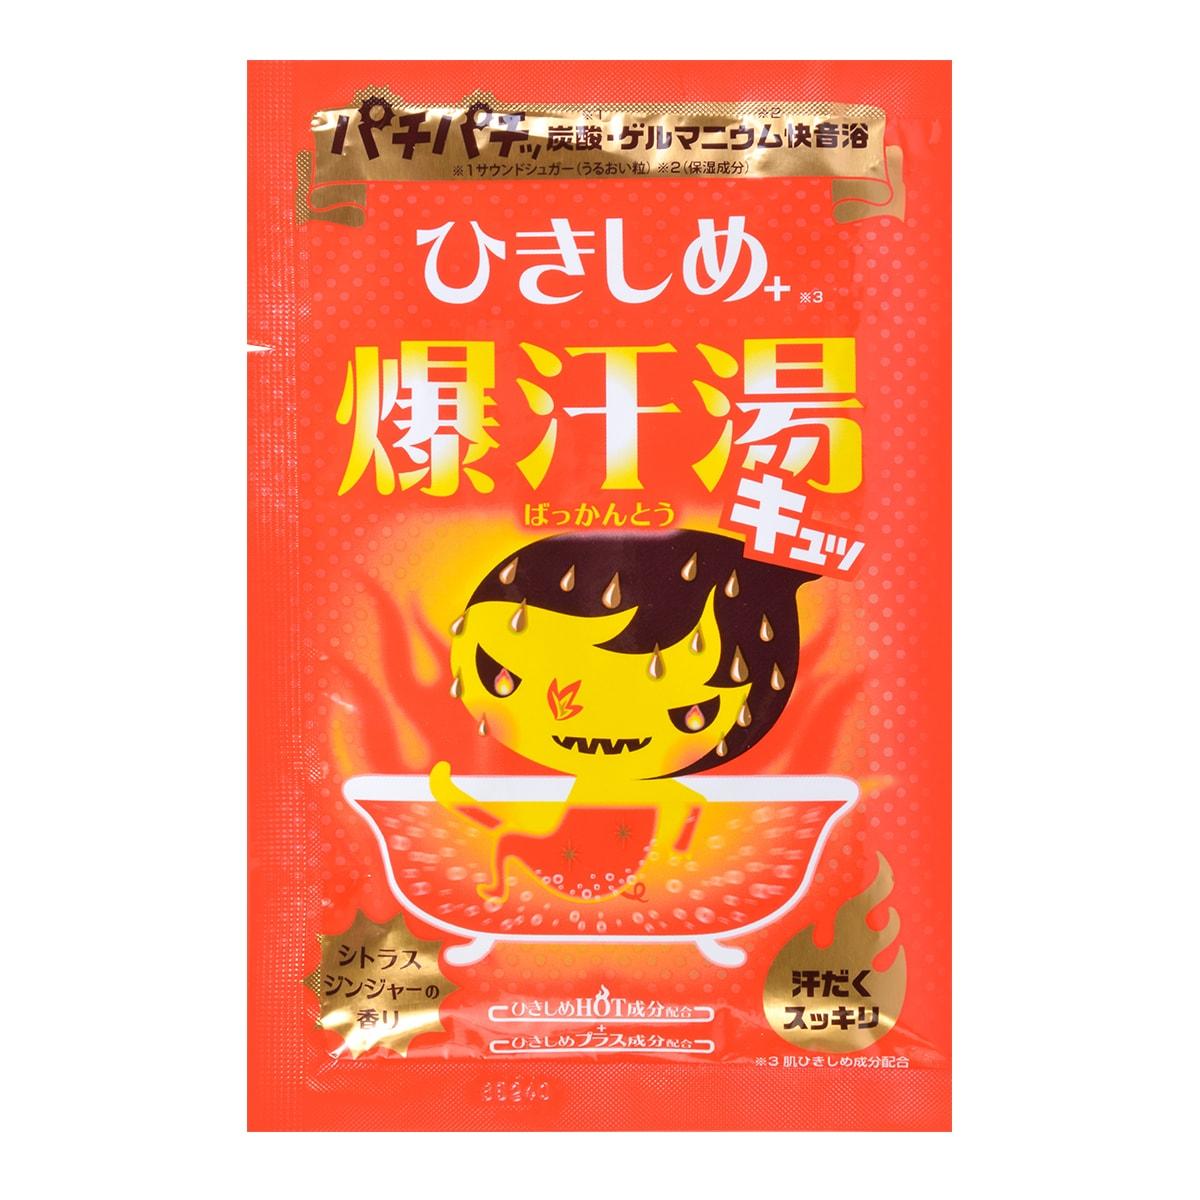 日本BISON 脂肪分解酵素配合爆汗汤 柑橘生姜香 60g